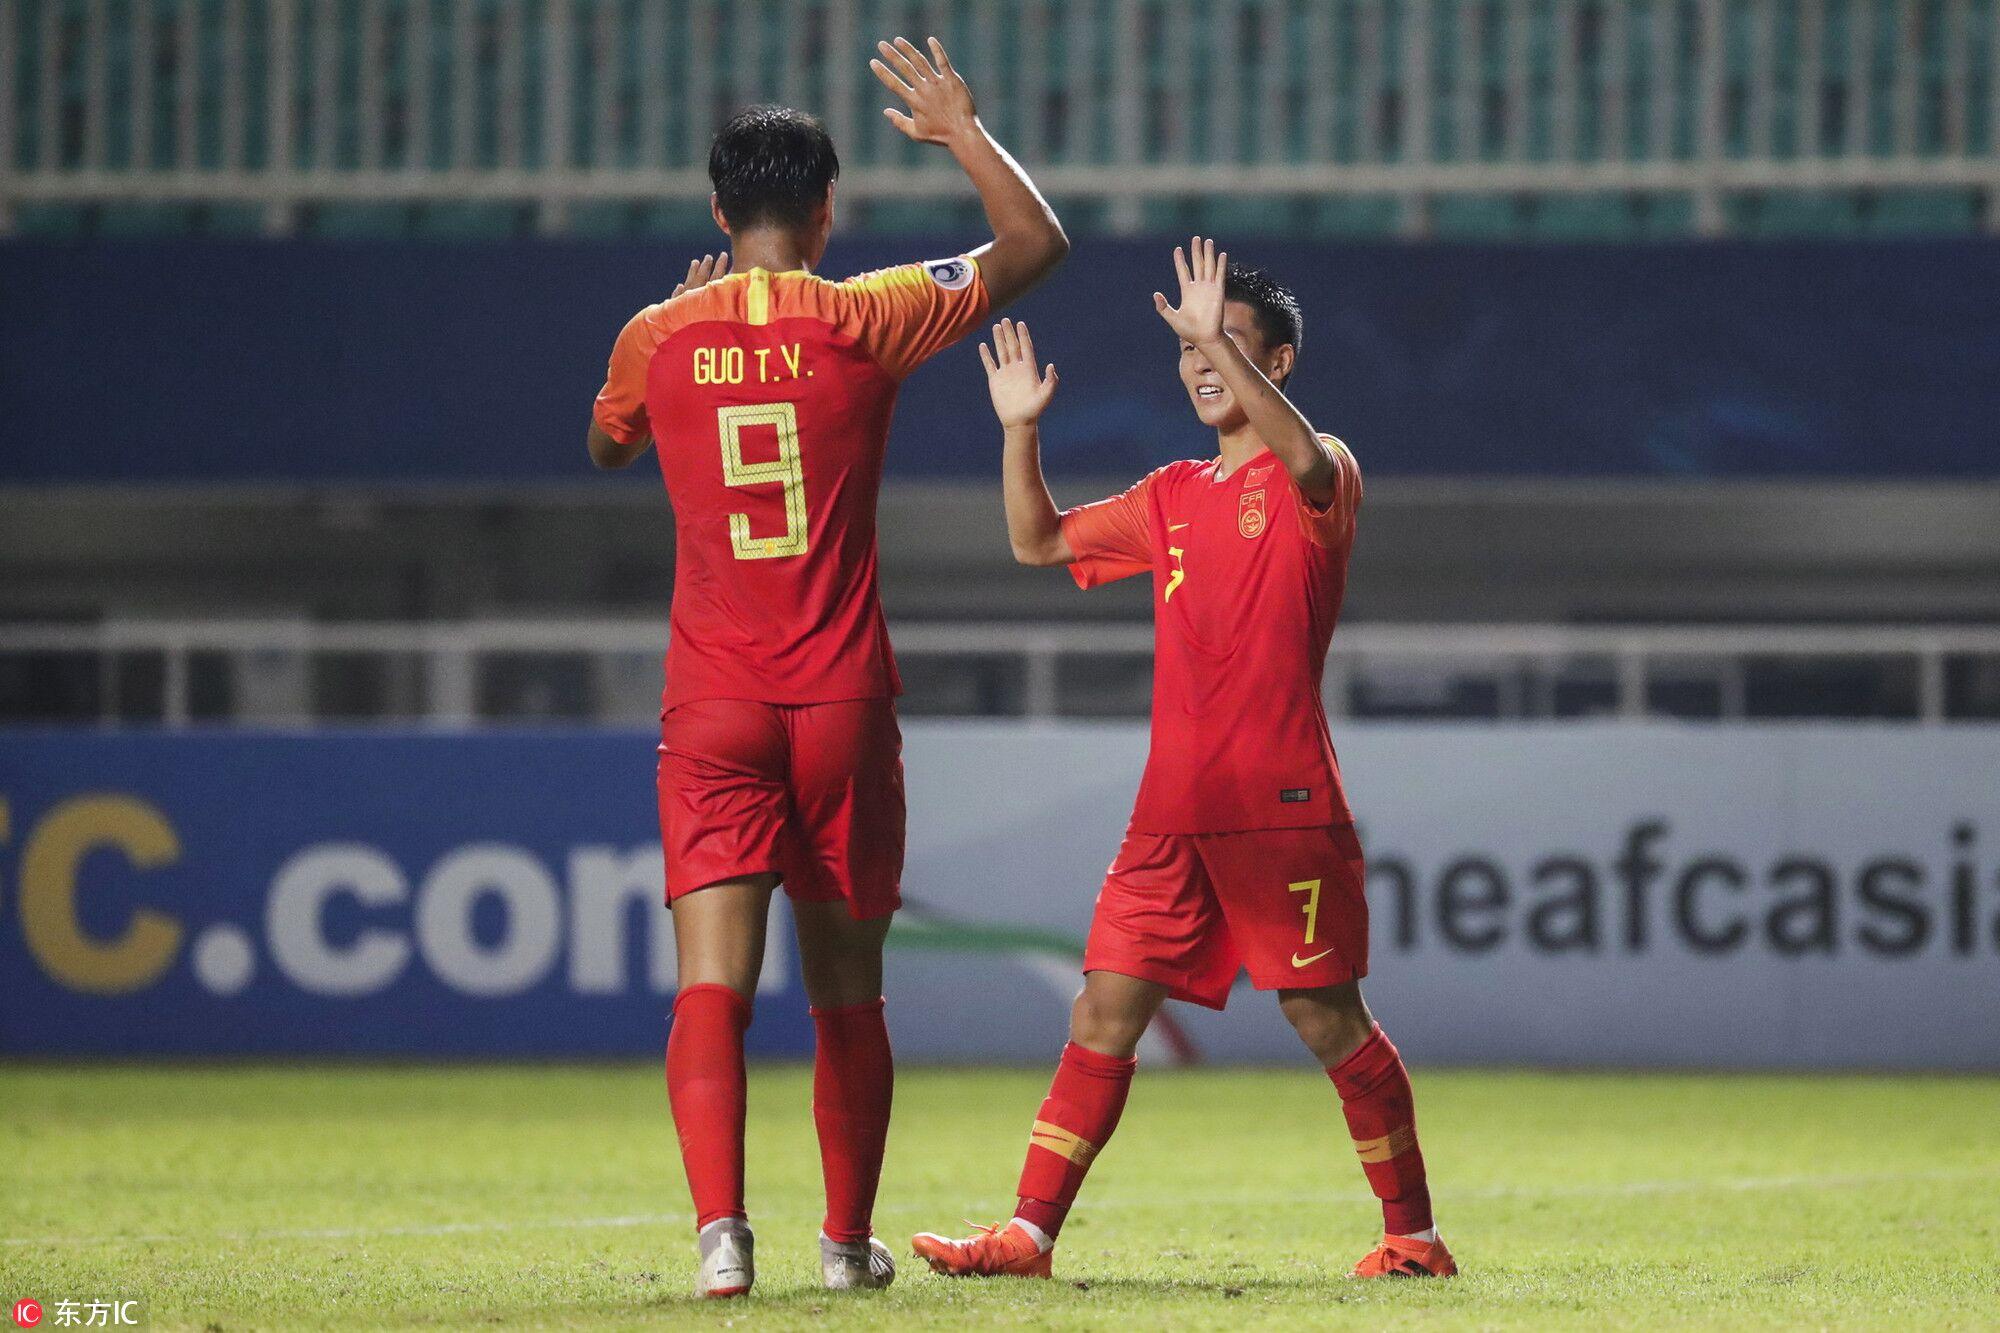 终结尴尬纪录!国青胜马来西亚结束亚青赛8场不胜